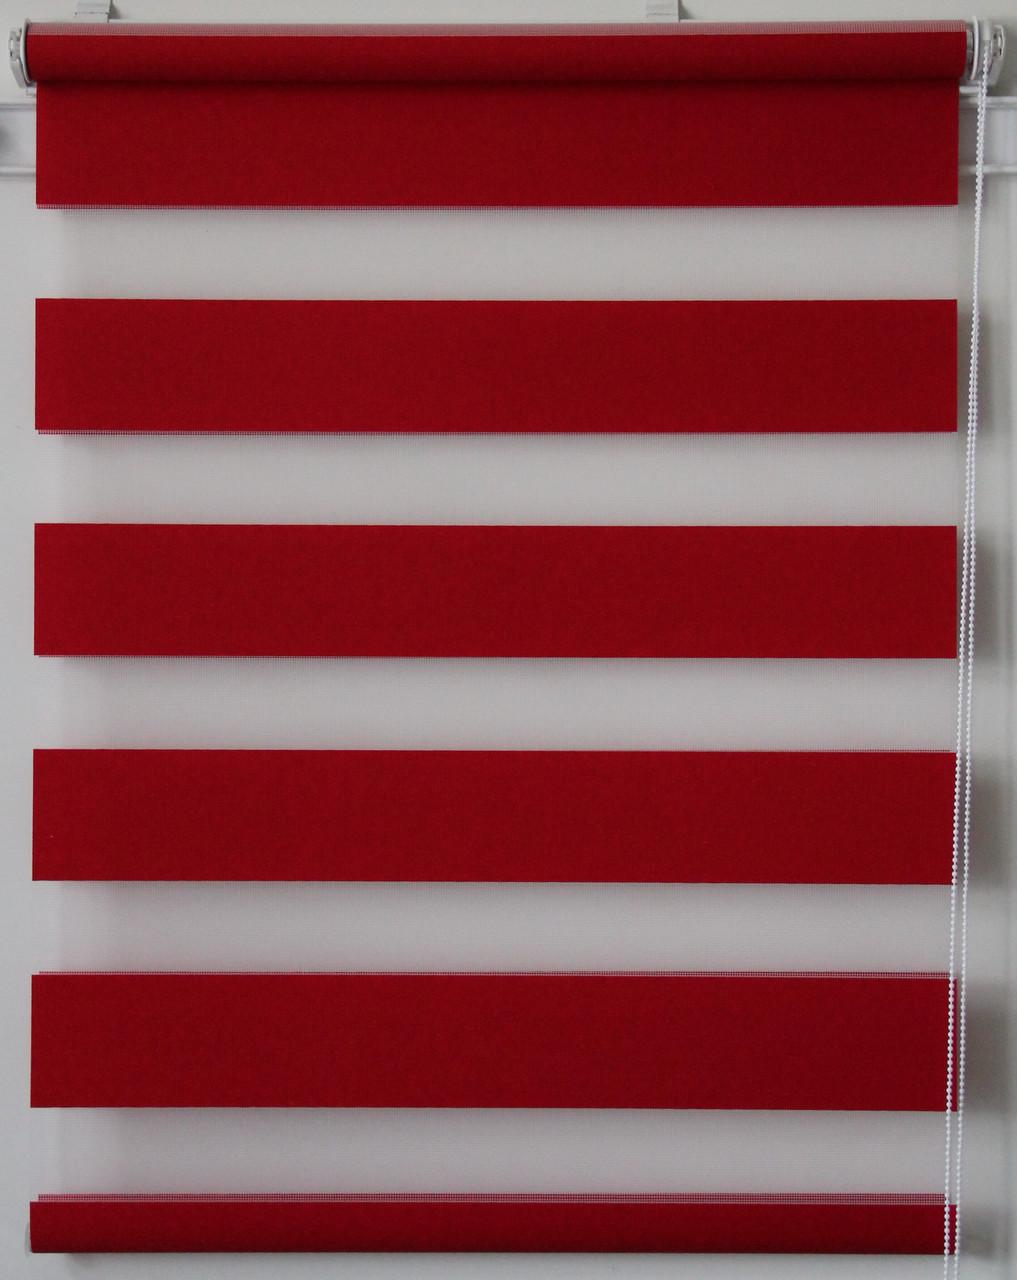 Готовые рулонные шторы Ткань Z-074 Красный